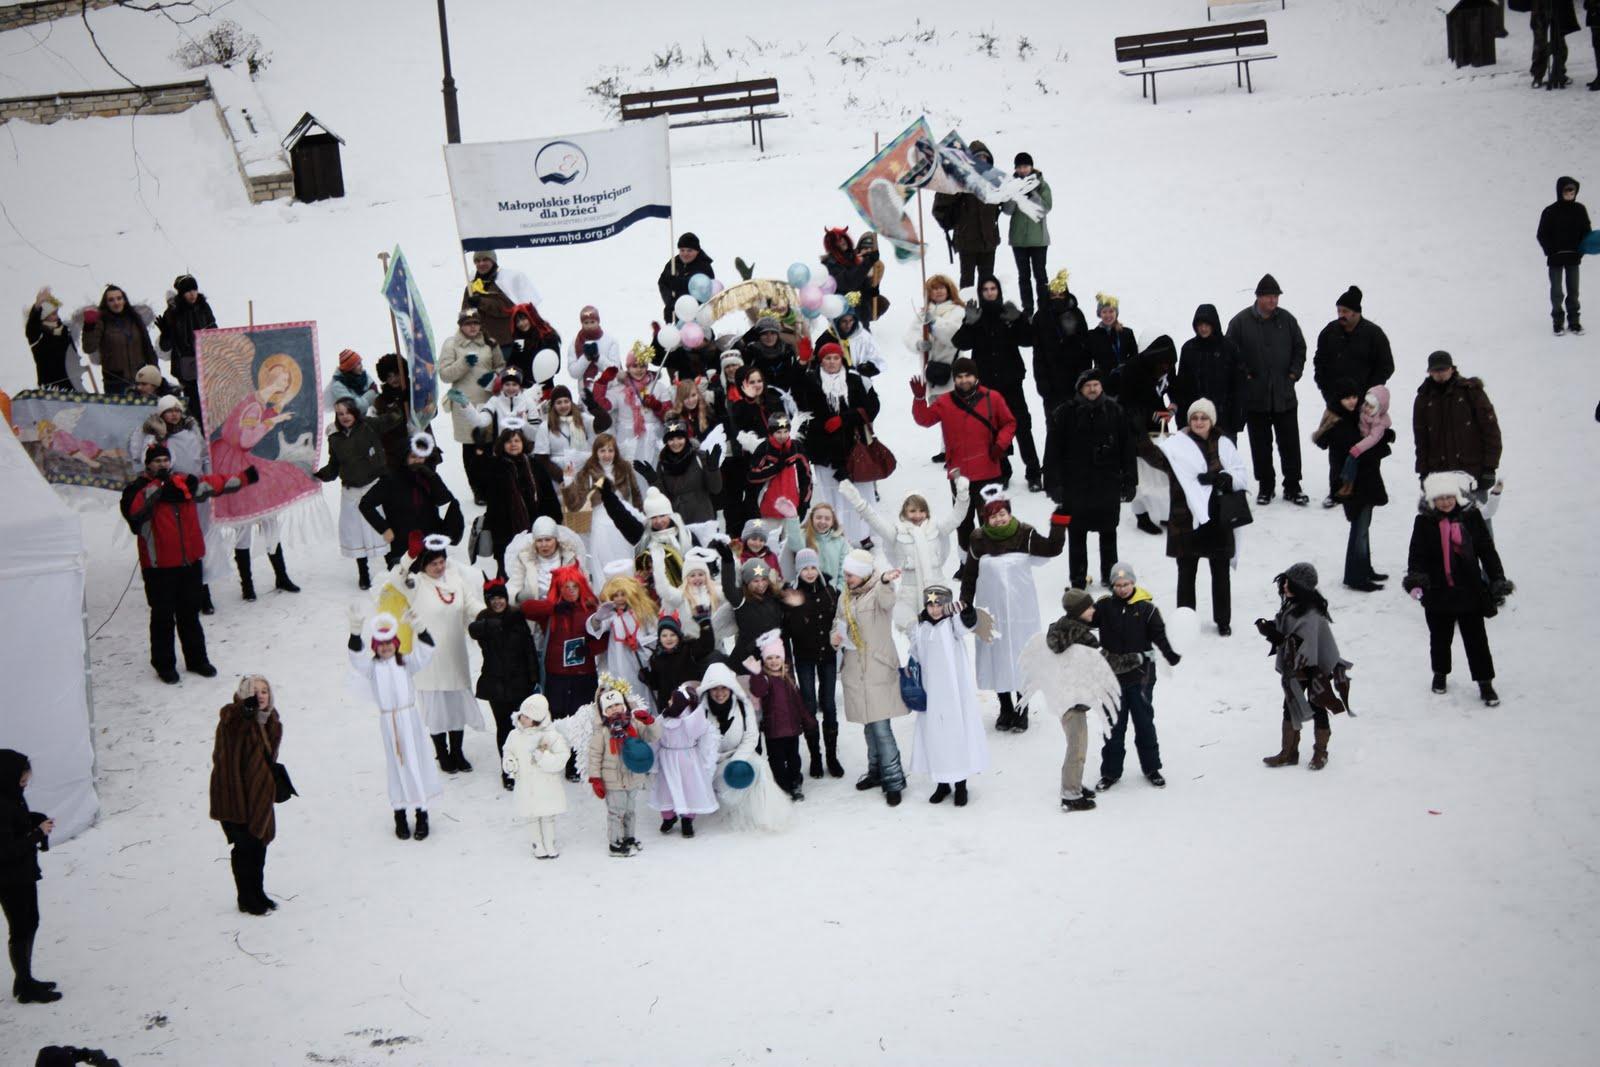 Wielkie anielskie zdjęcie wykonane w czasie Festiwalu Anioł w Miasteczku A.D. 2010, którego współorganizatorem jest Małopolskie Hospicjum dla Dzieci.  Pobilismy rekord w liczbie Aniołow w jednym miejscu wynoszący dotąd 129. 11.12.2010 było to 156 Aniołów!!!!